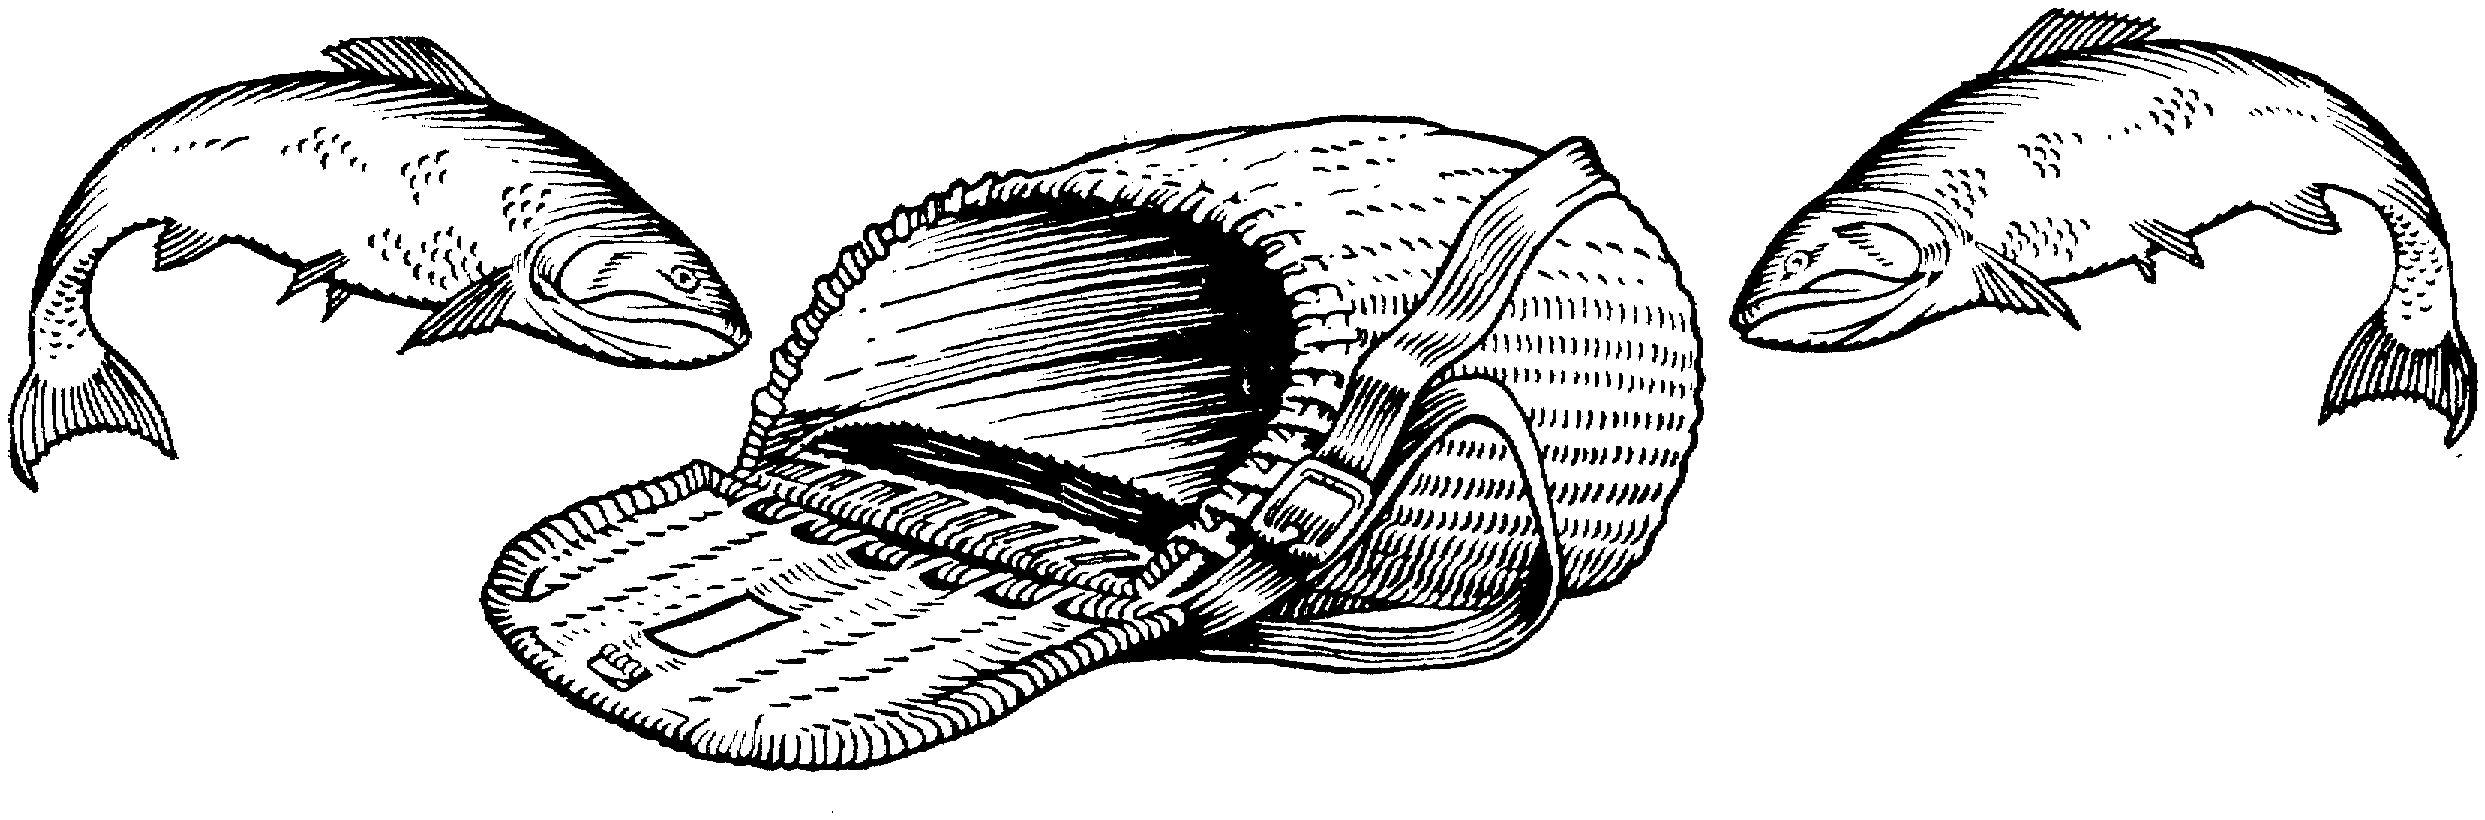 Fish and Creel